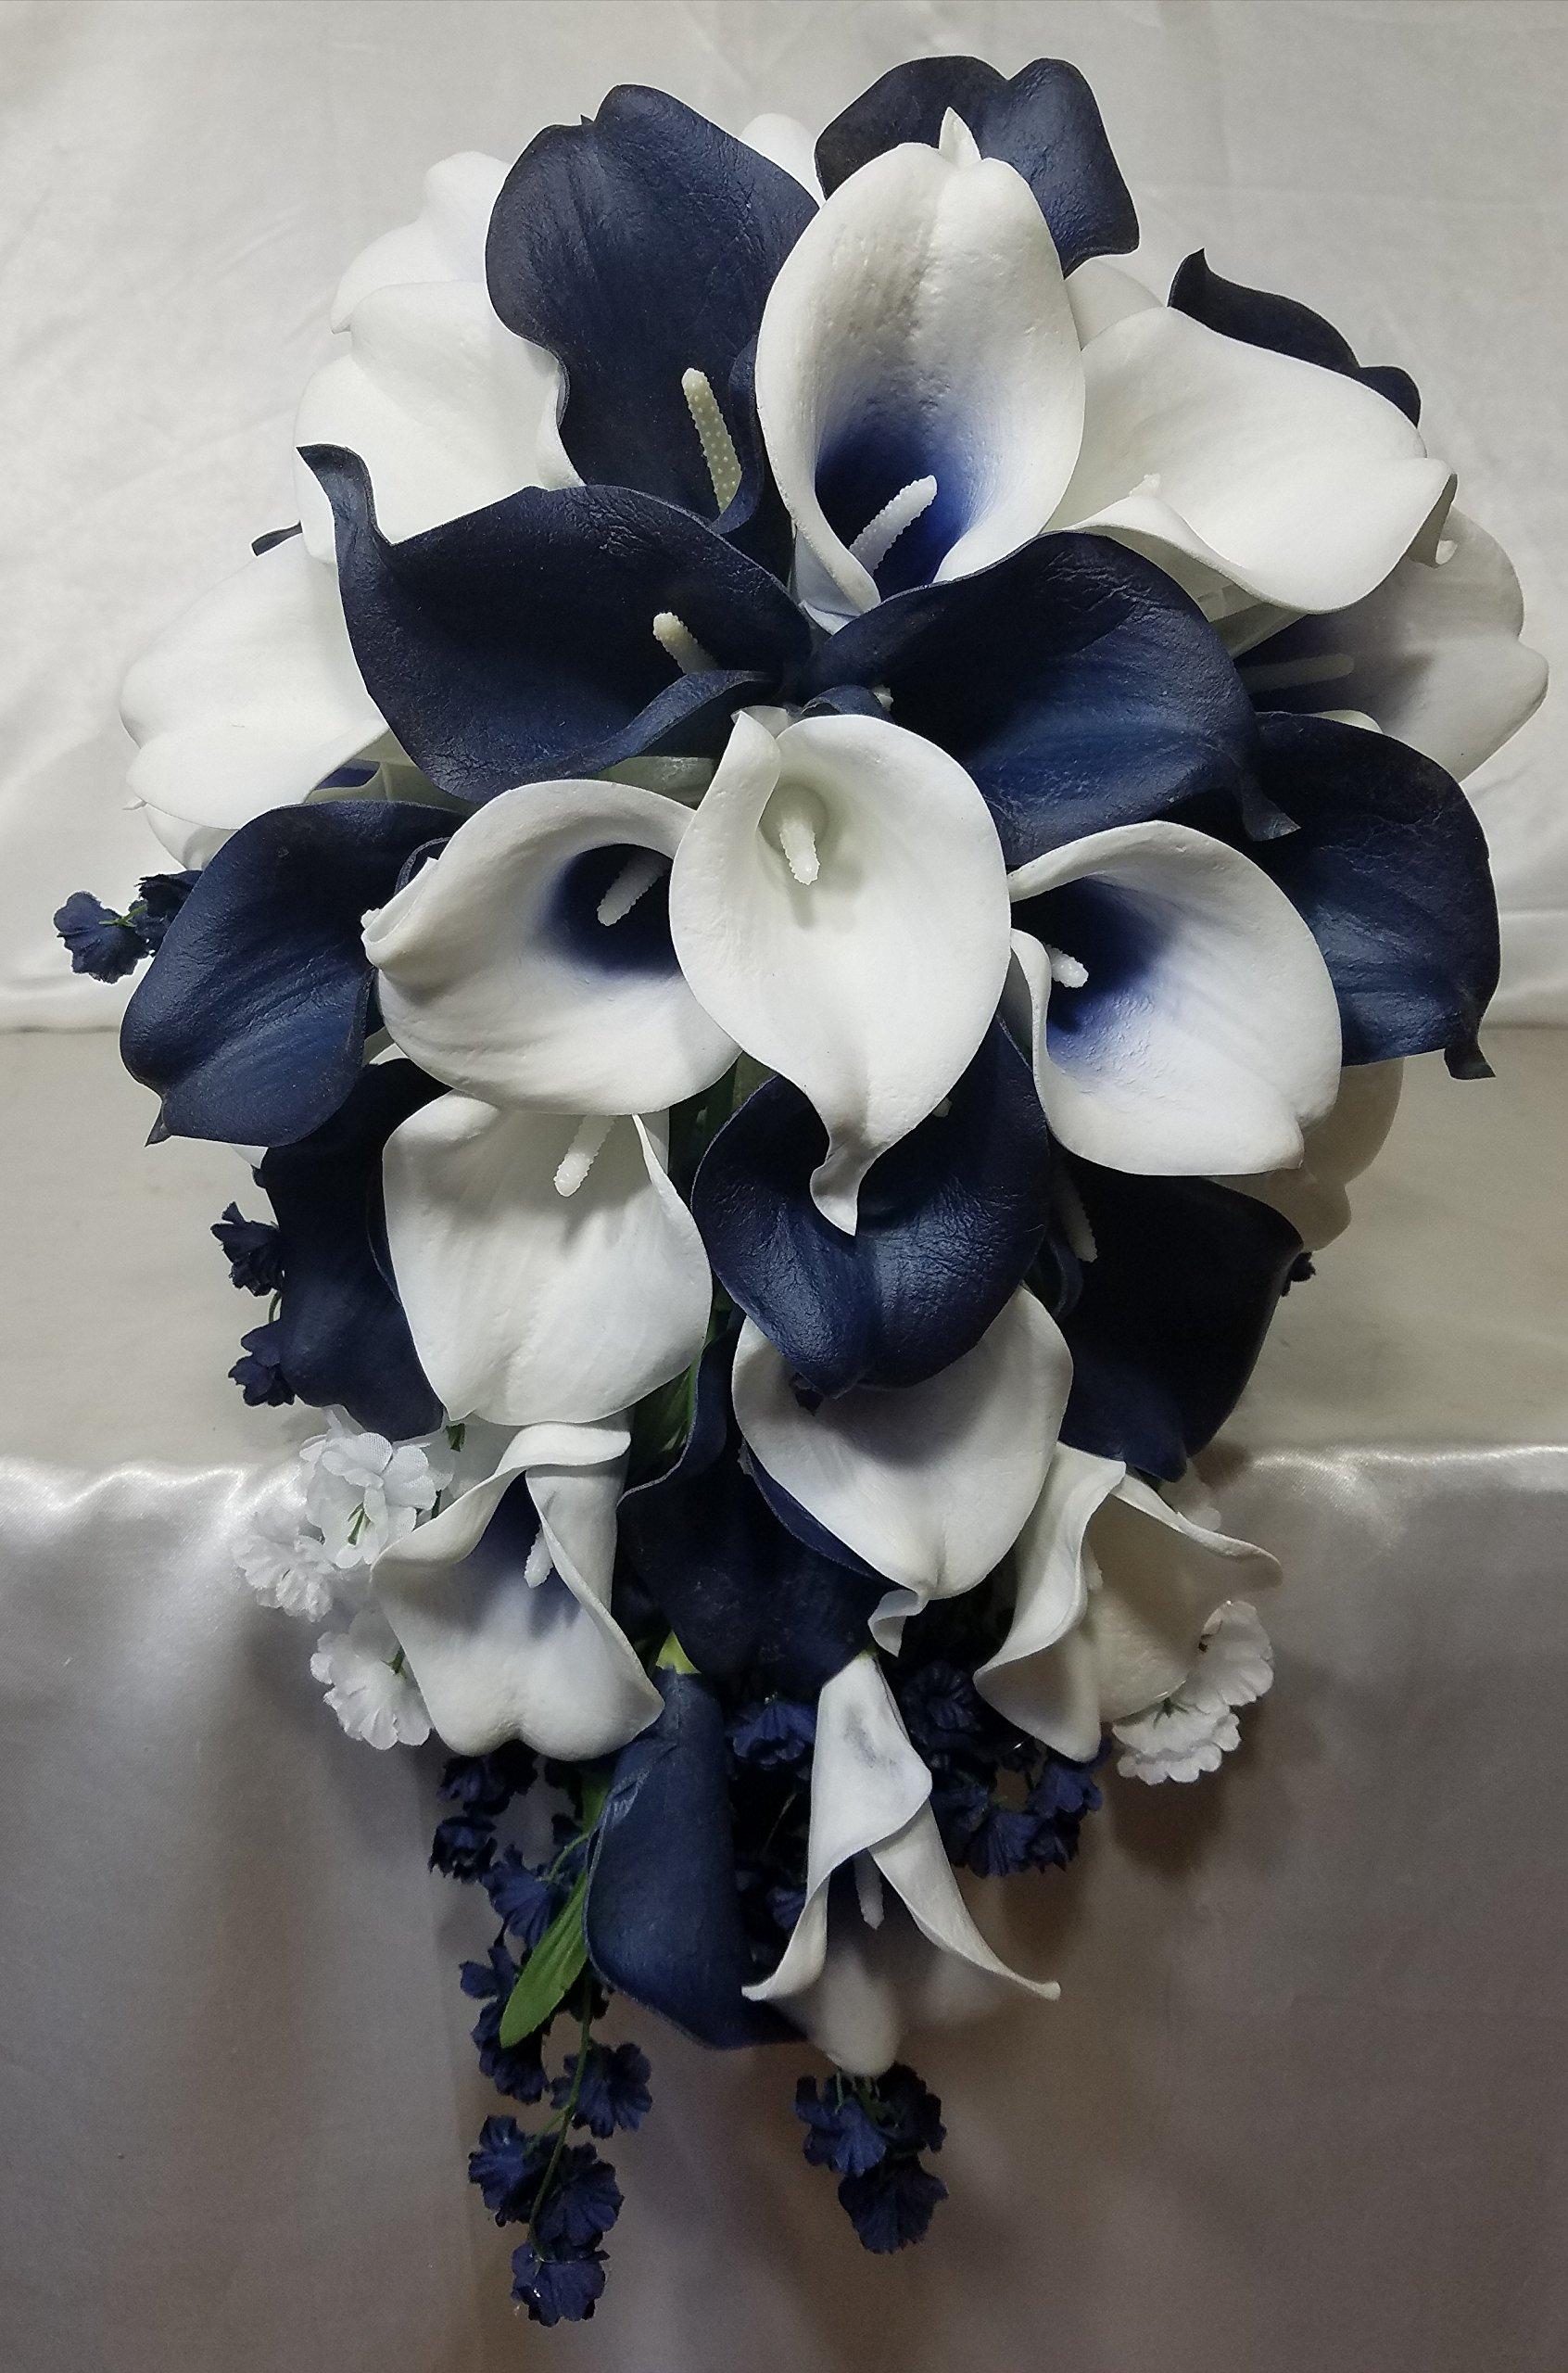 silk flower arrangements navy blue ivory white calla lily bridal wedding bouquet accessories